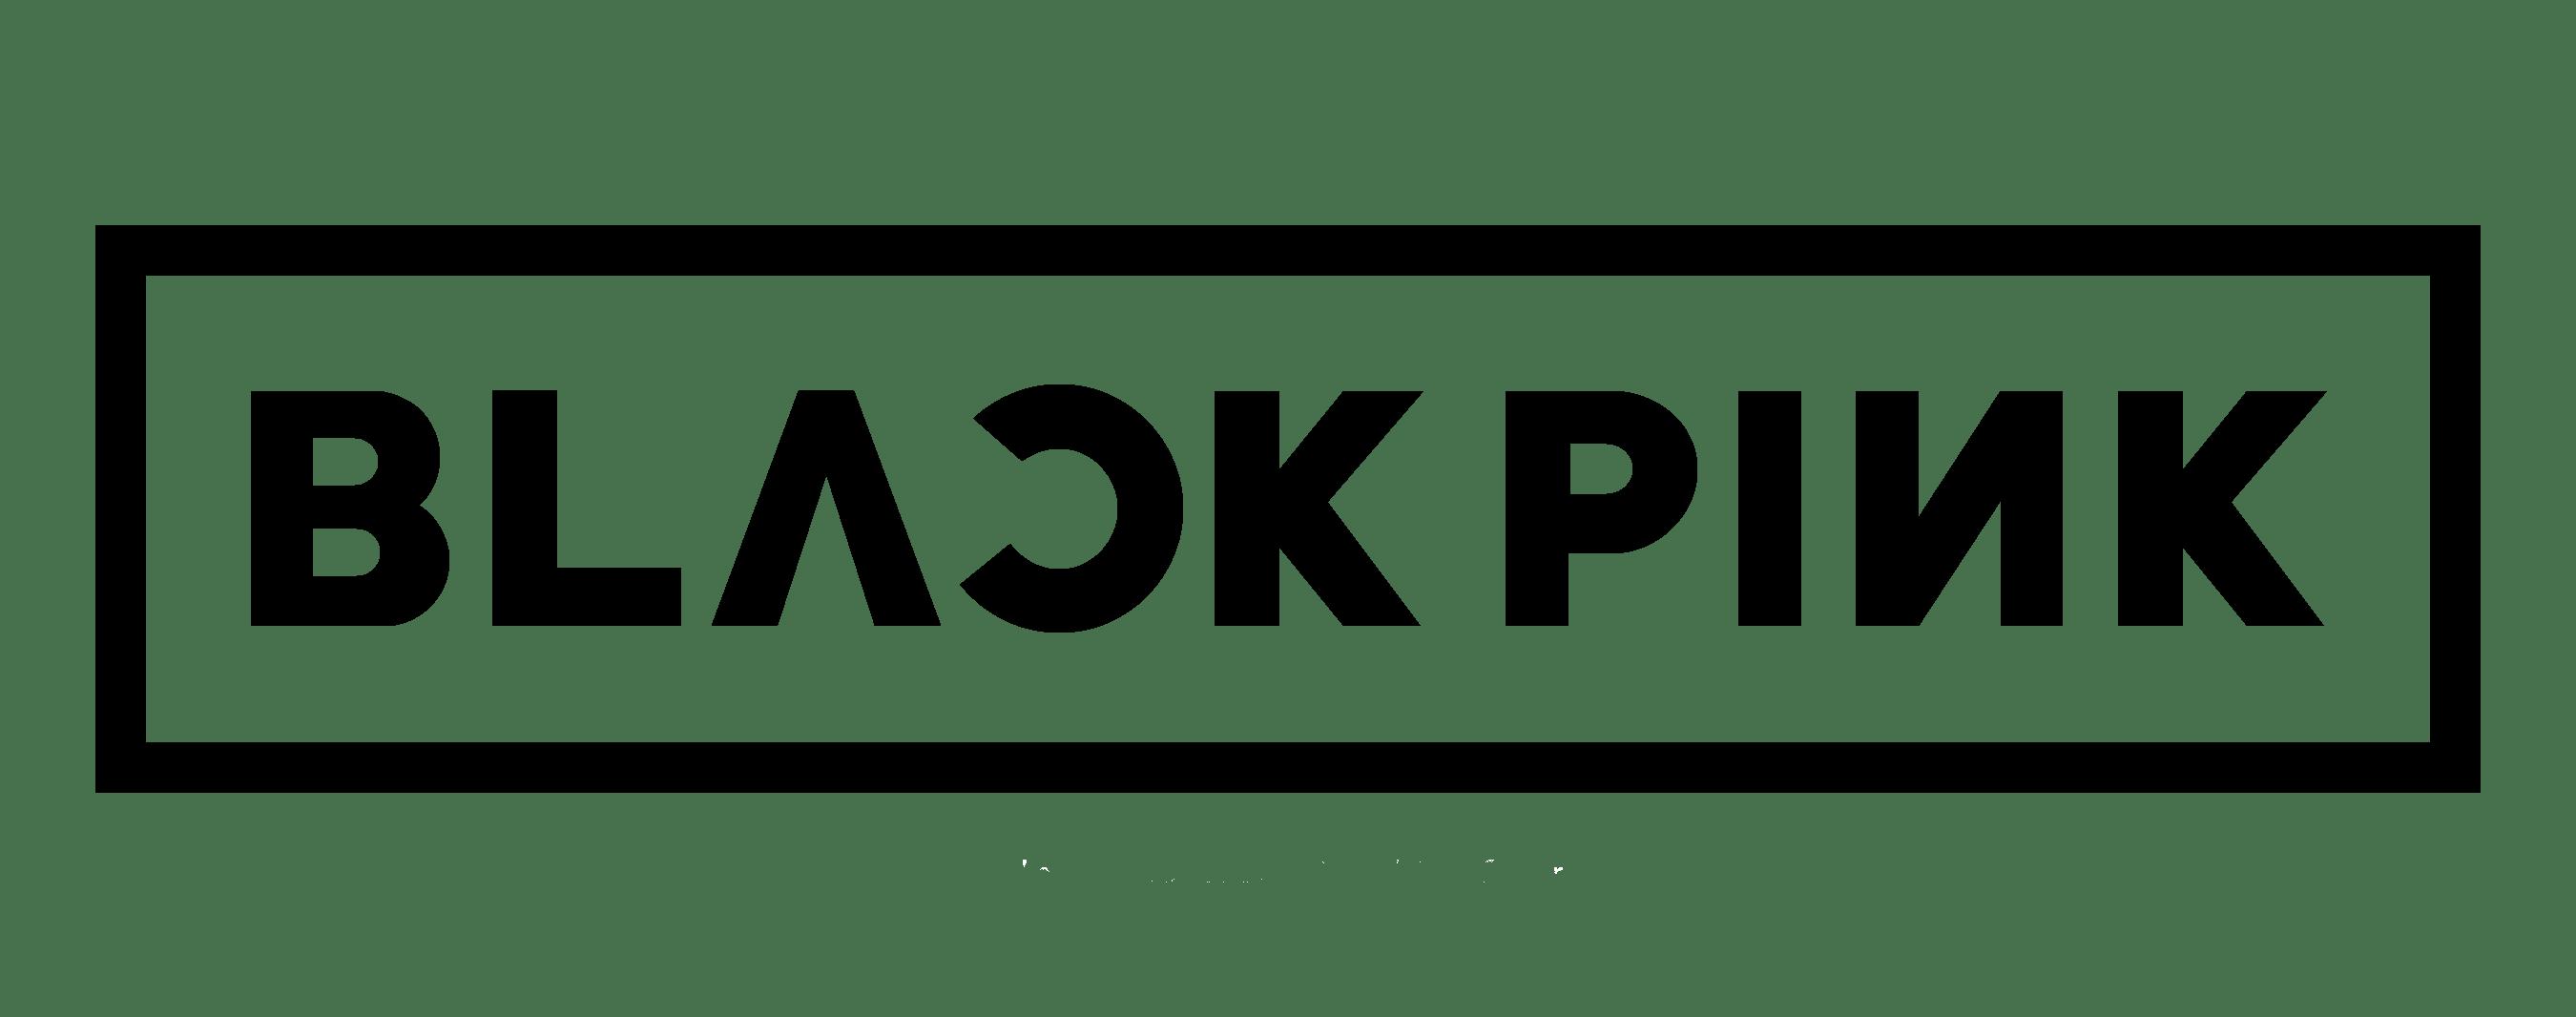 Download BLACKPINK Logo TEXT, JPG, PNG, FONT NAME